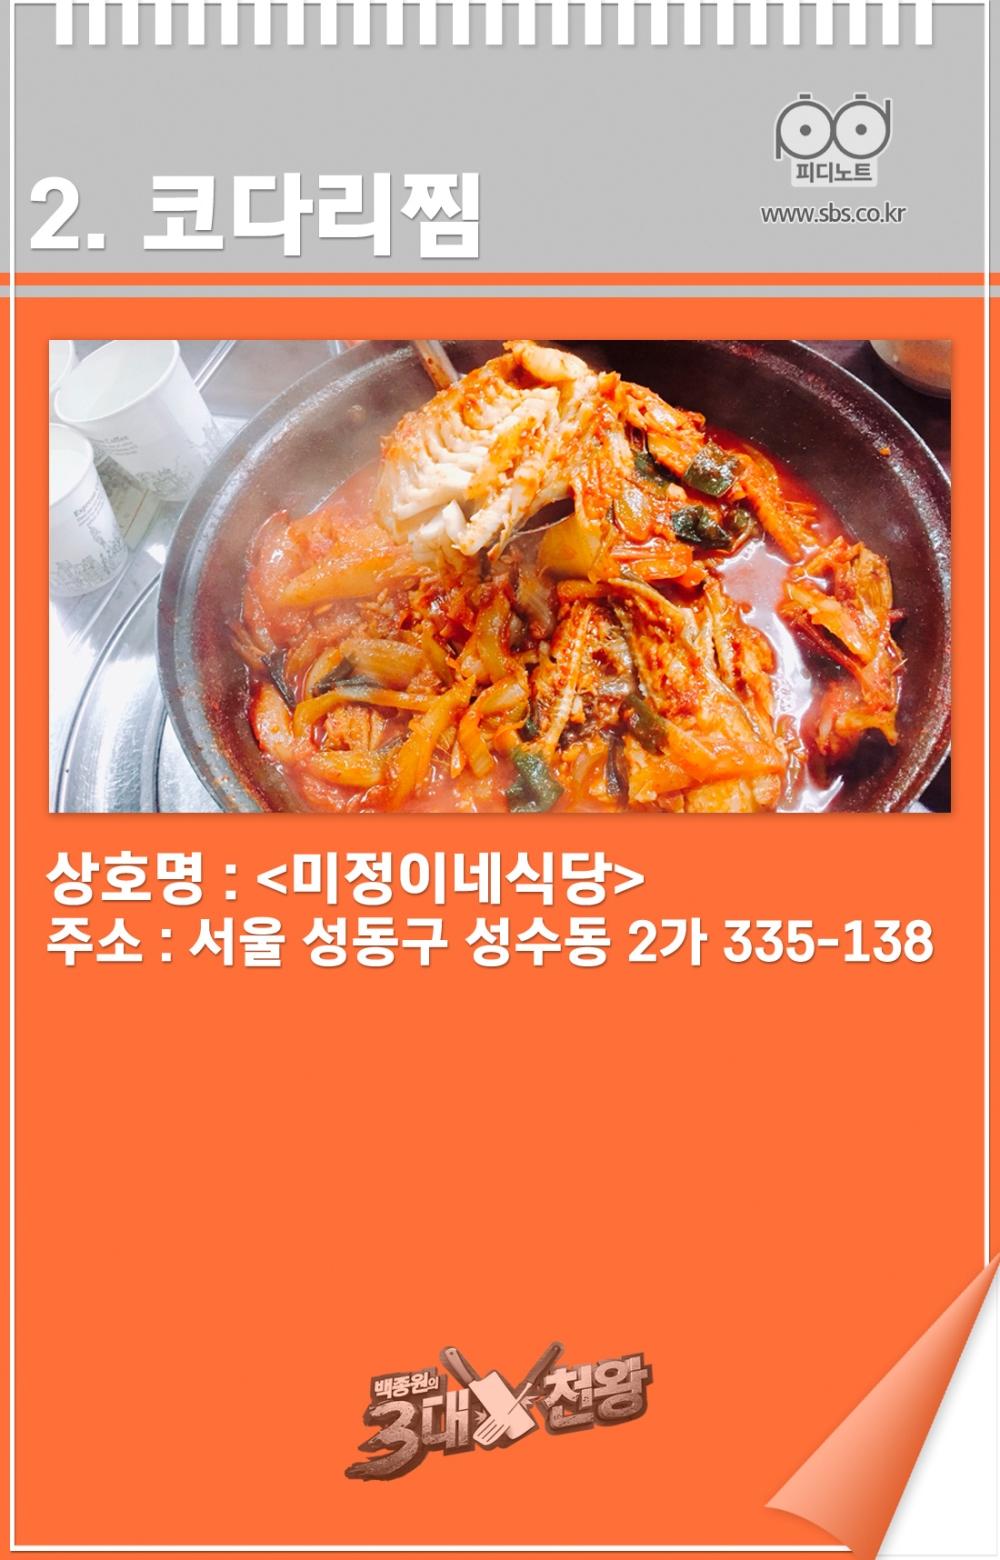 코다리찜 미정이네식당 서울 성동구 성수동 2가 335-138